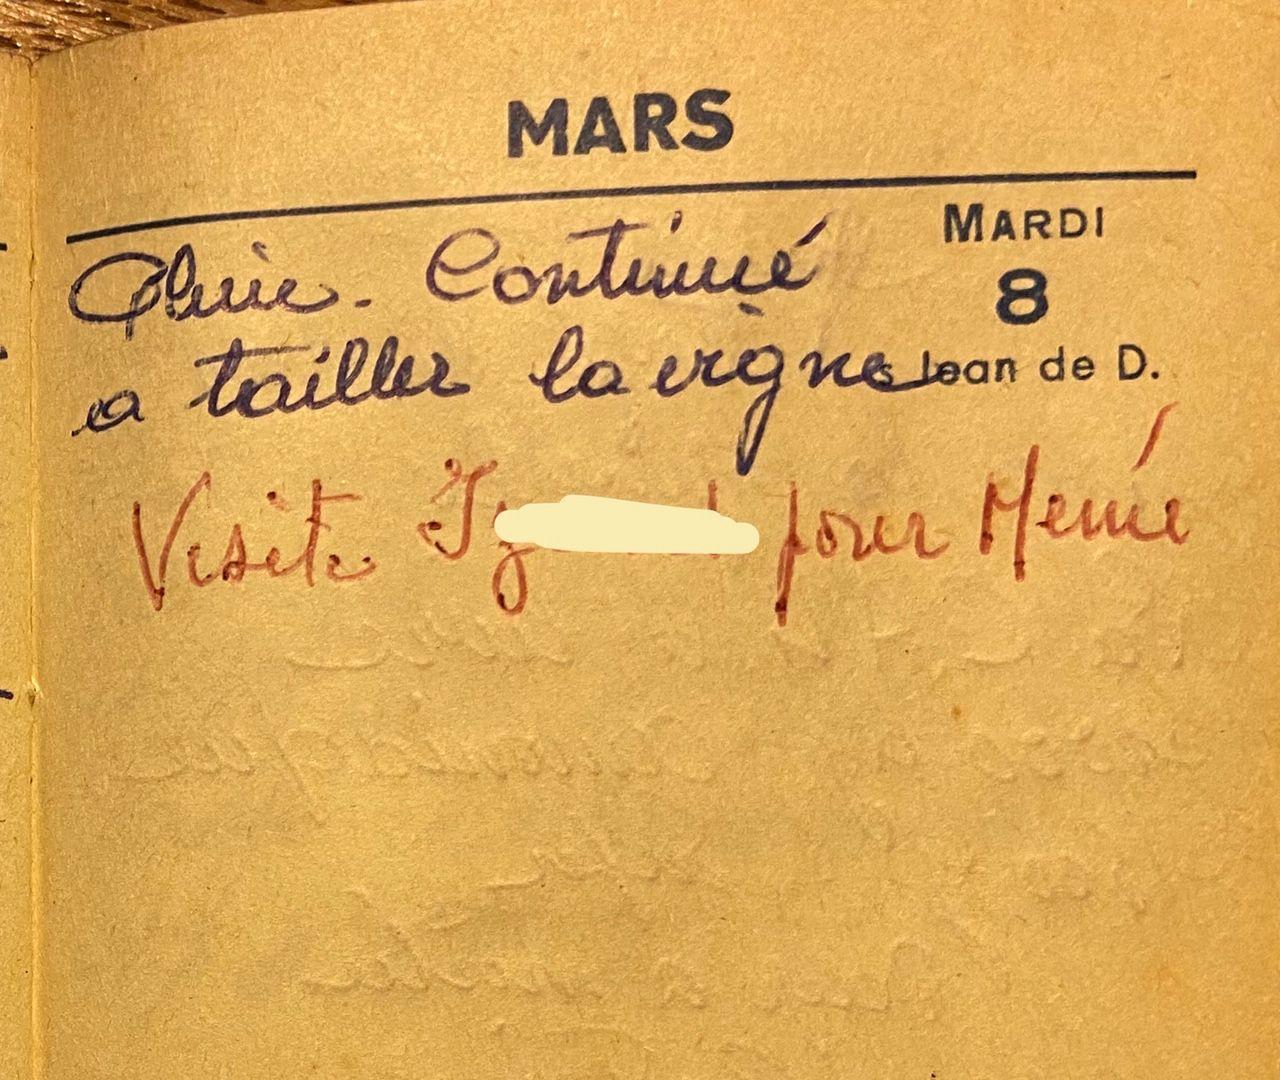 Mardi 8 mars 1960 - la taille de la vigne et le docteur